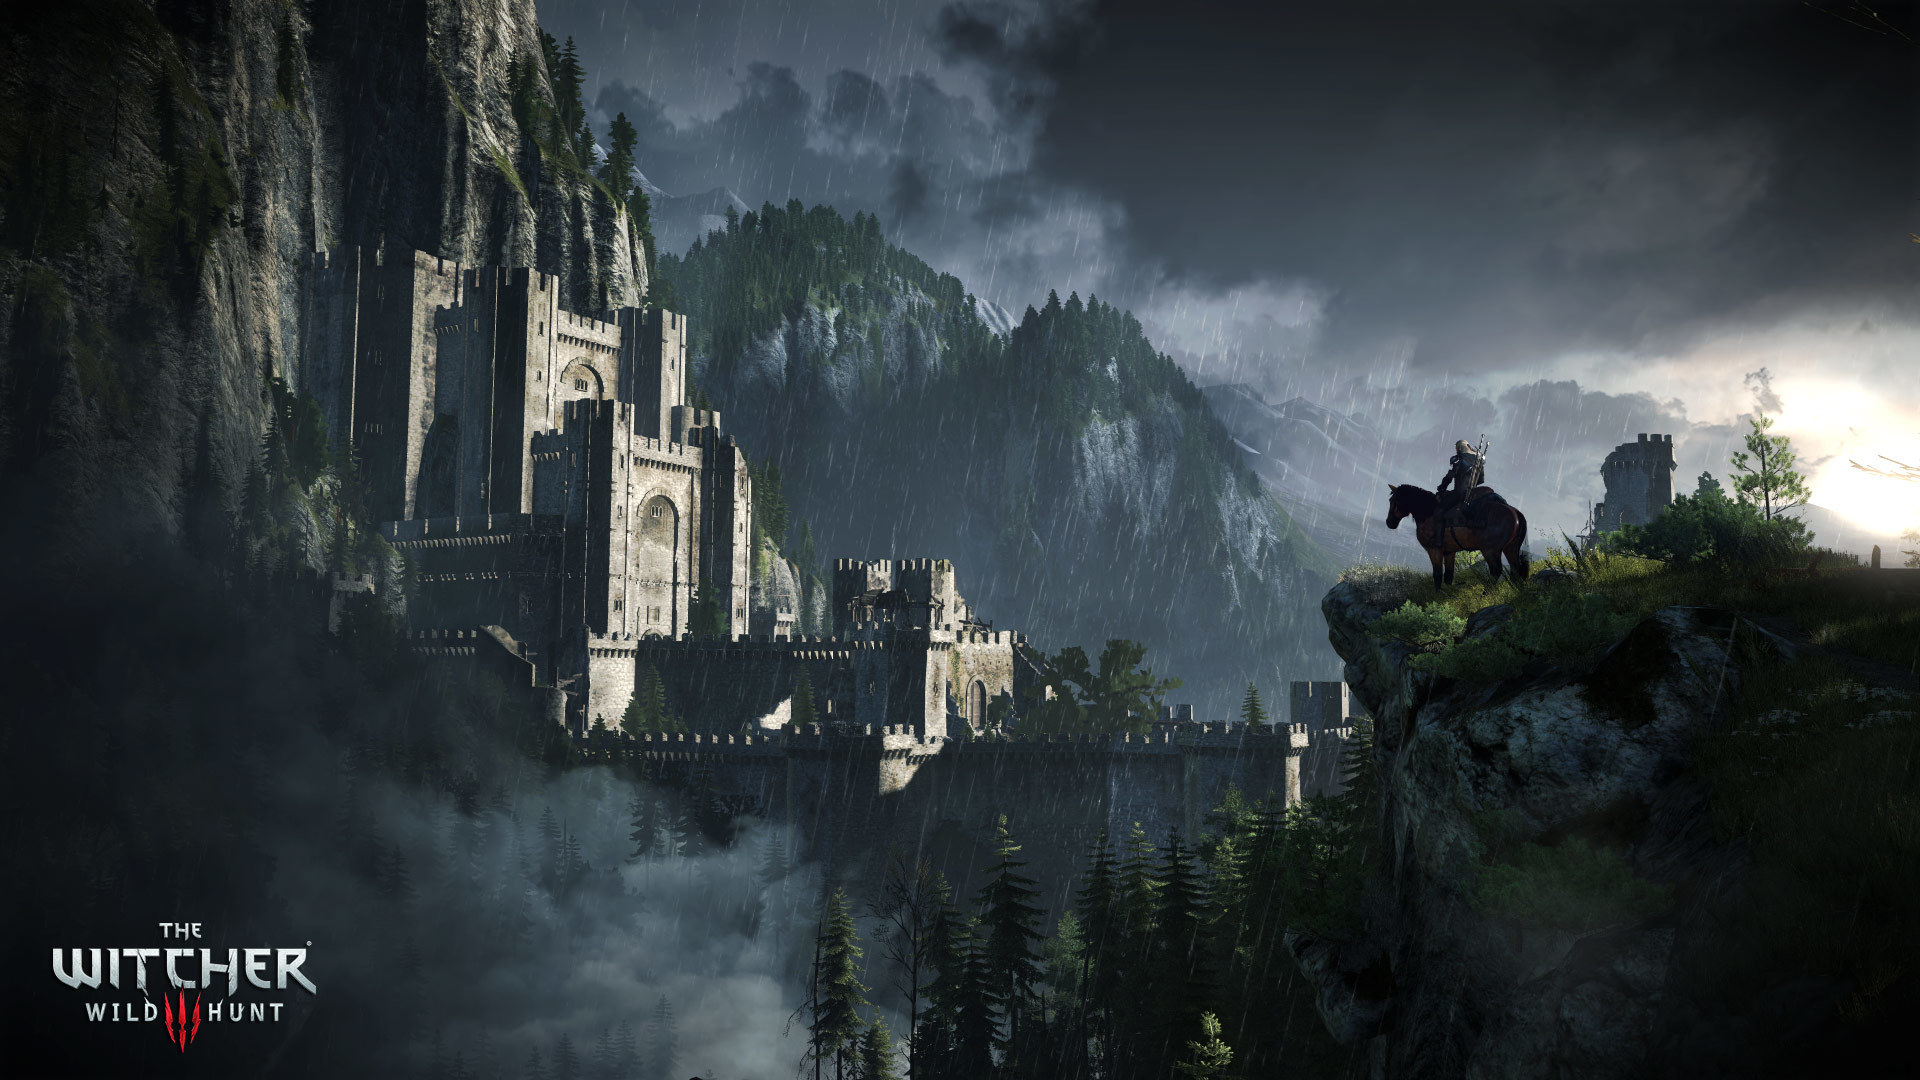 《巫师3:狂猎》迎来5周年 制作人回顾开发历程